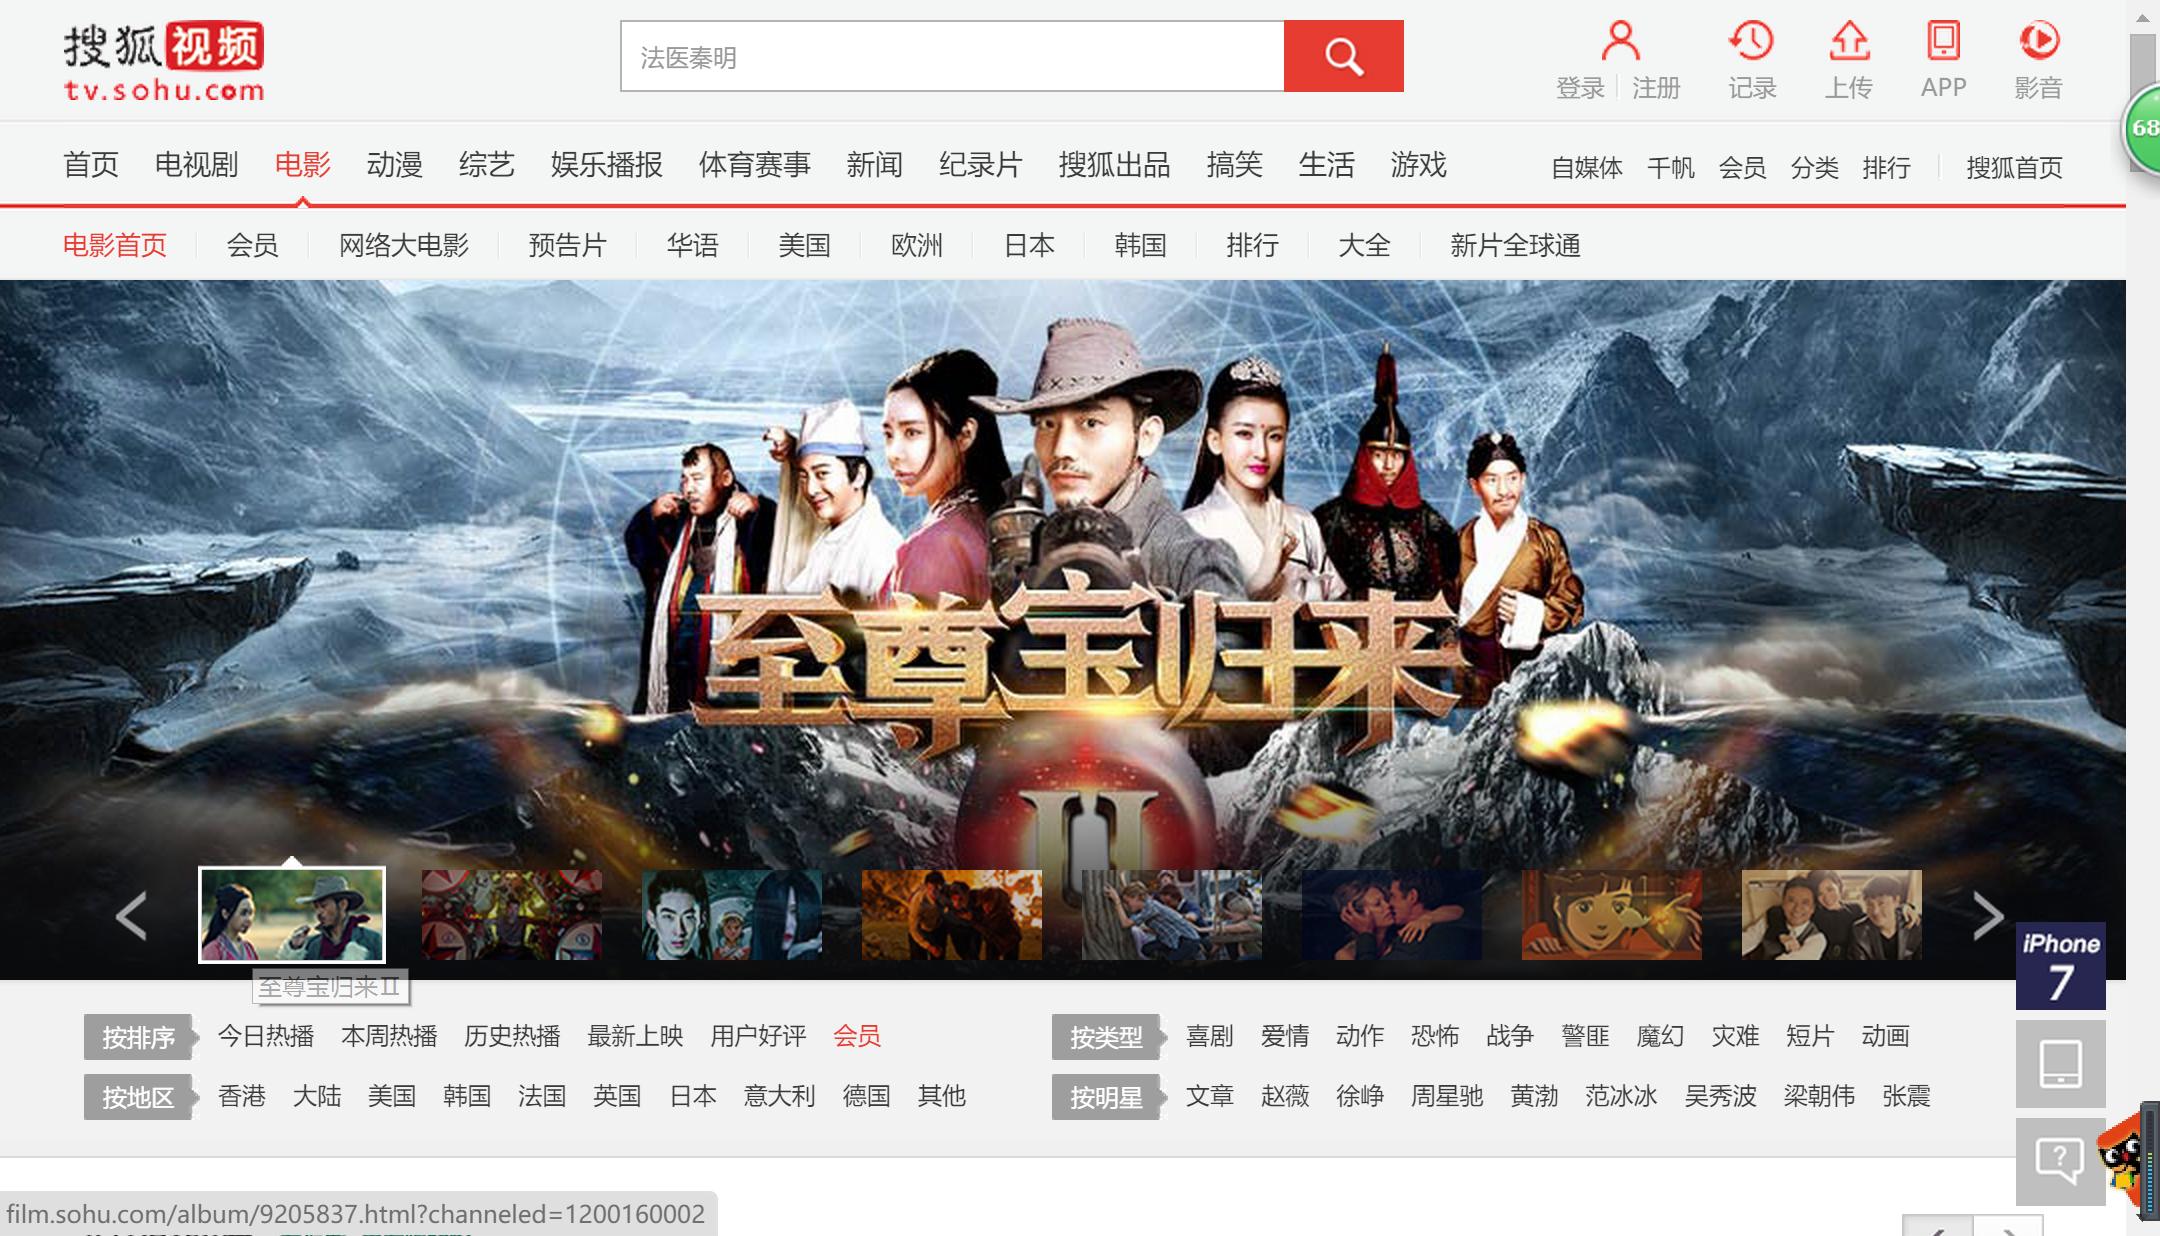 搜狐电影频道首页Banner推荐